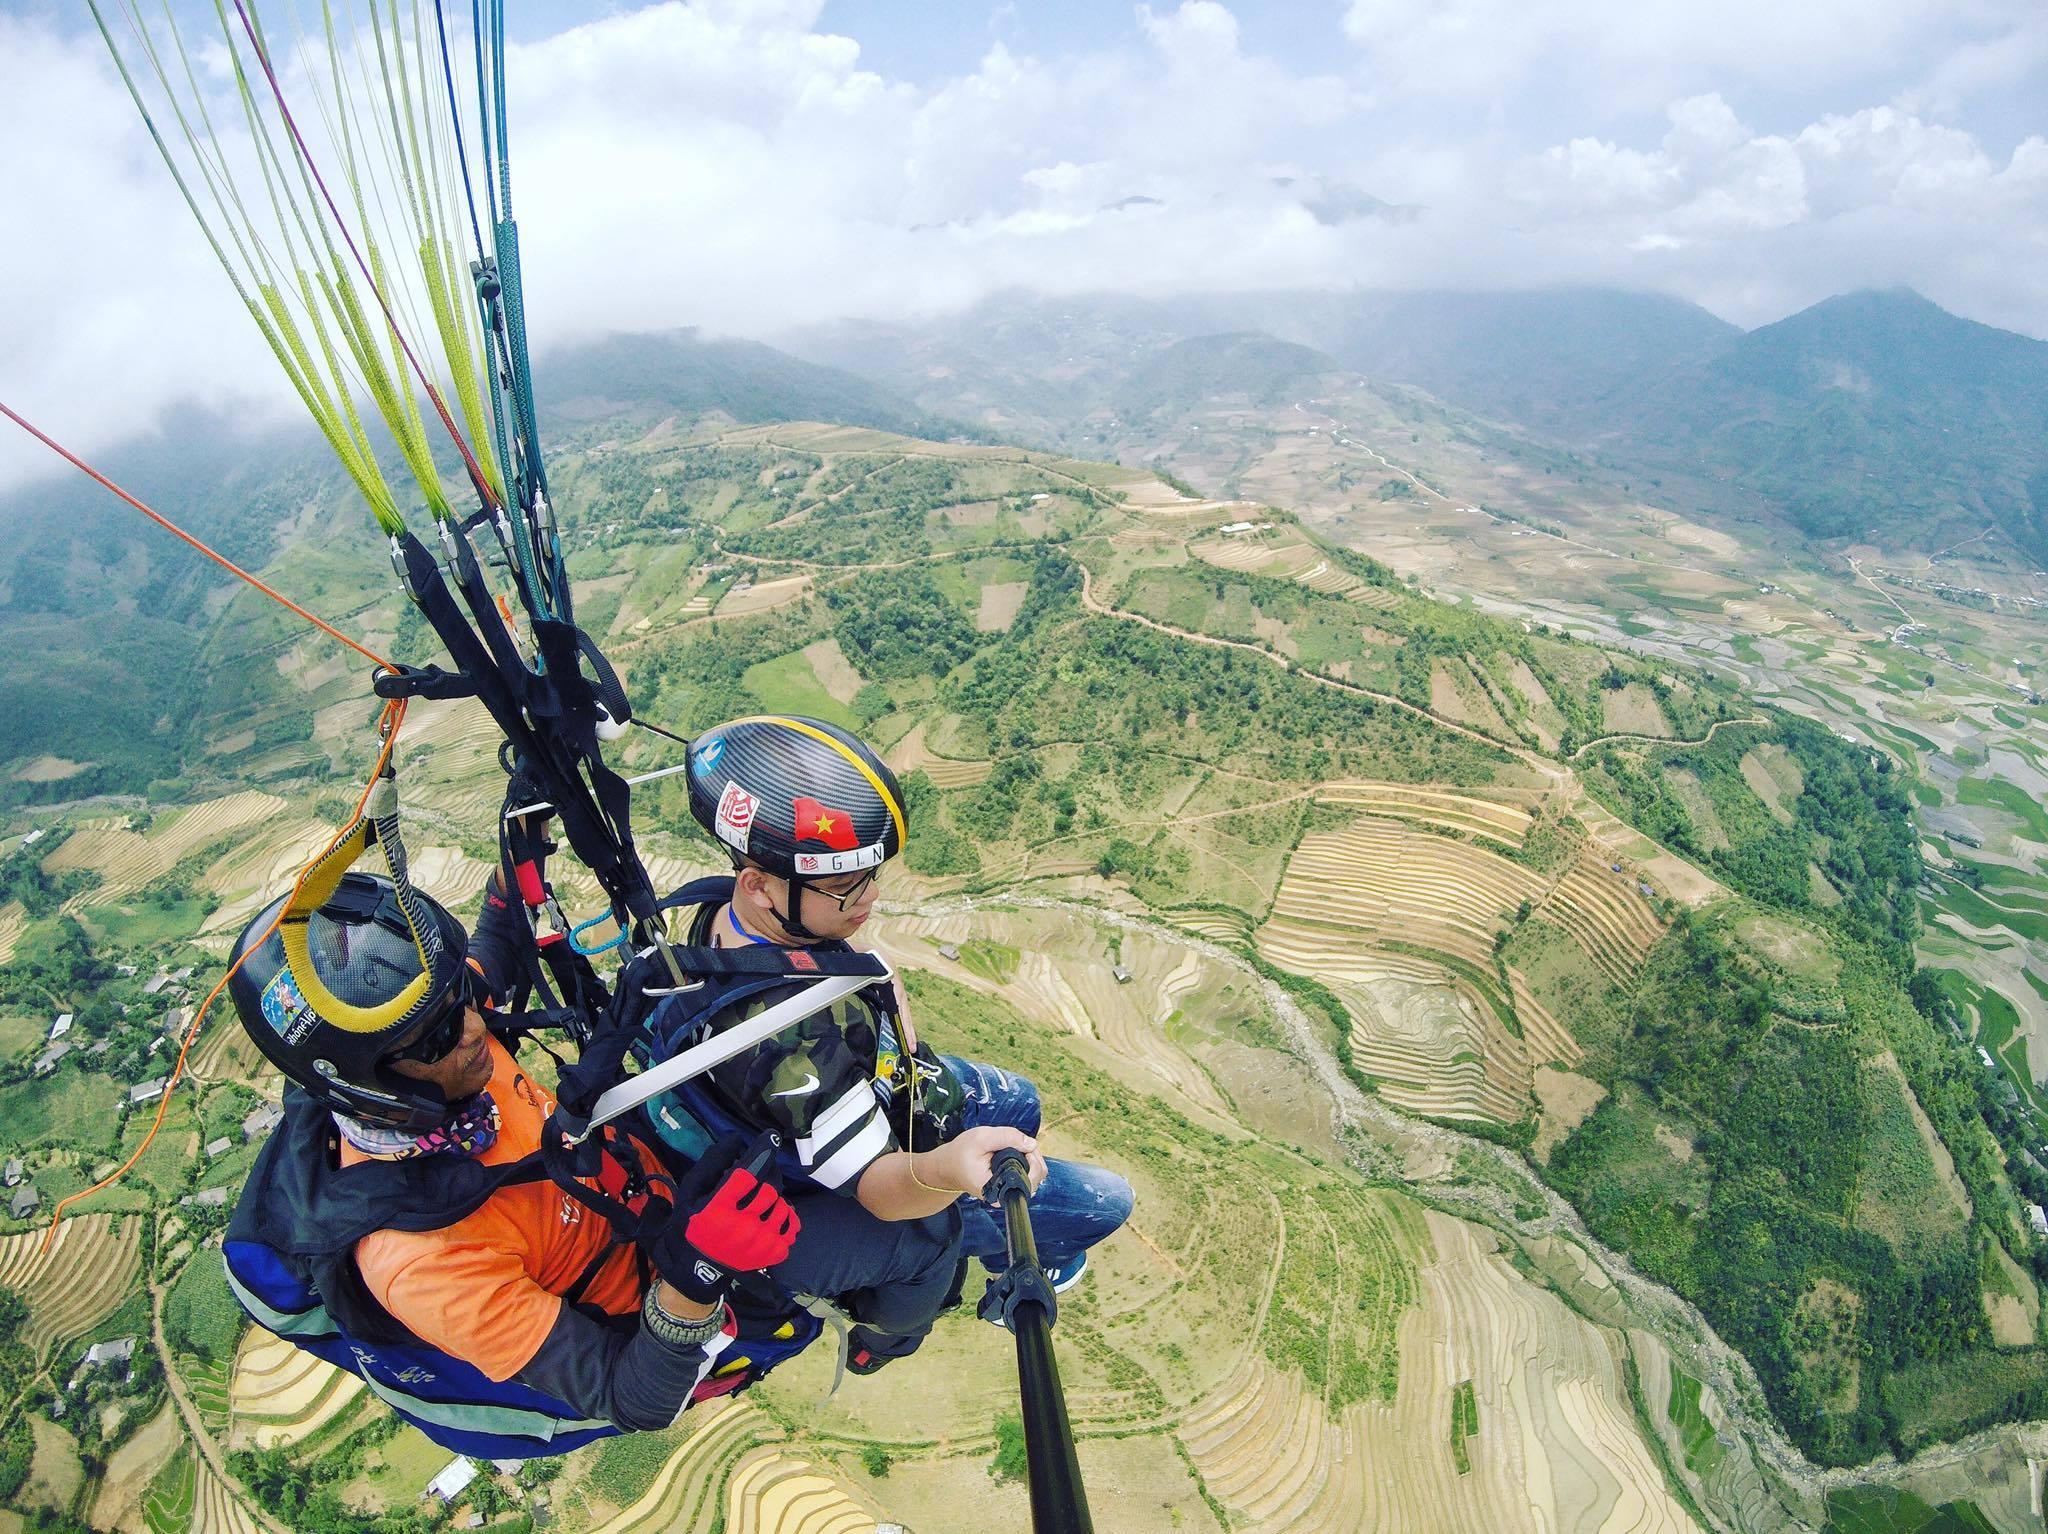 Quang Ninh: 2019年クアンニン省パラグライダー祭り:「遺産ゾーンの上を飛ぶ」